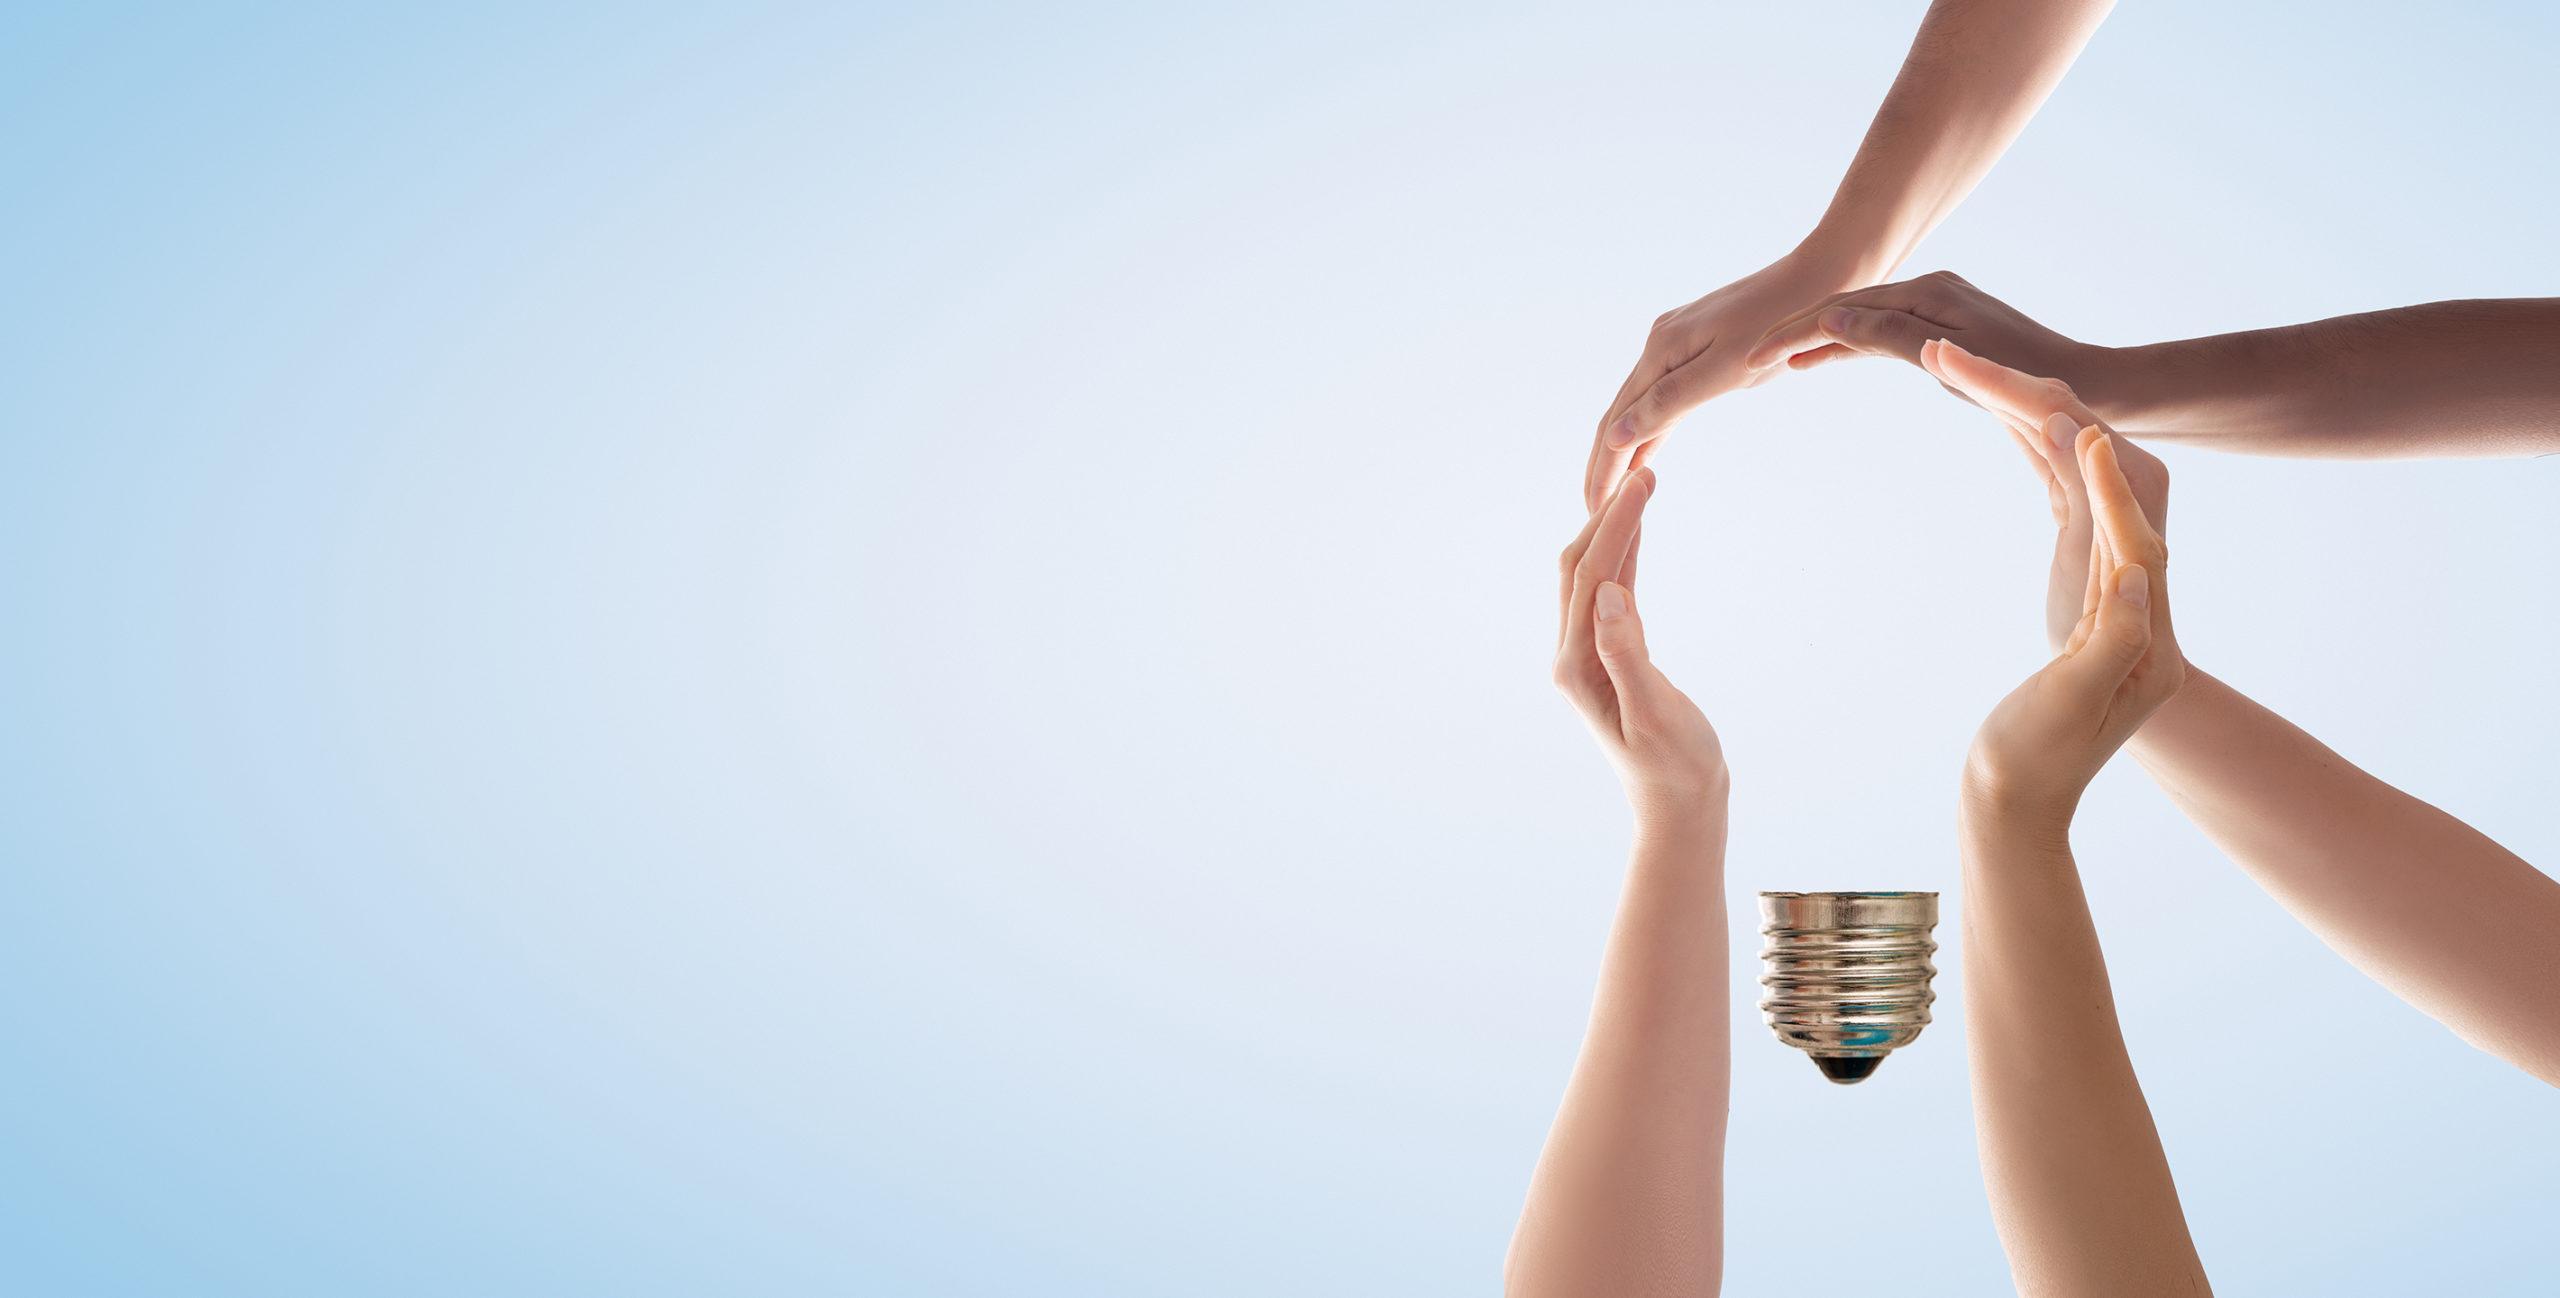 Viisi kättä muodostaa lampun ääriviivat.